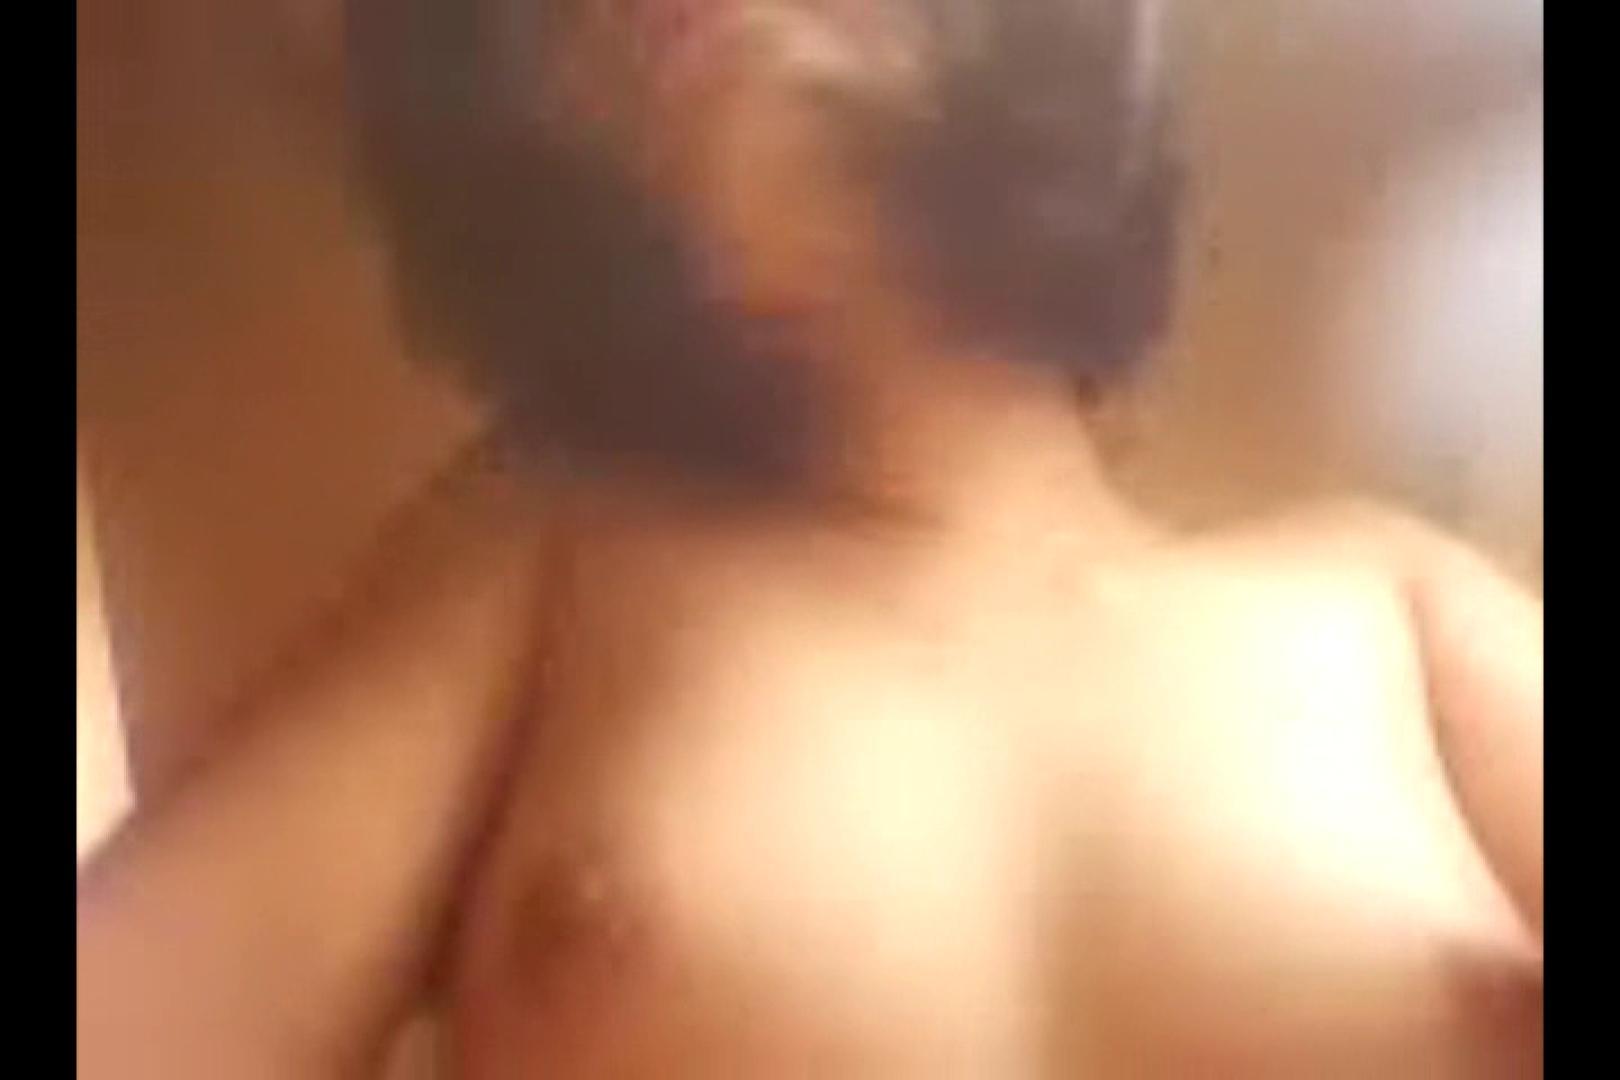 ウイルス流出 平凡な彼女の過激ハメ撮り映像を流出 パイパン  75枚 72